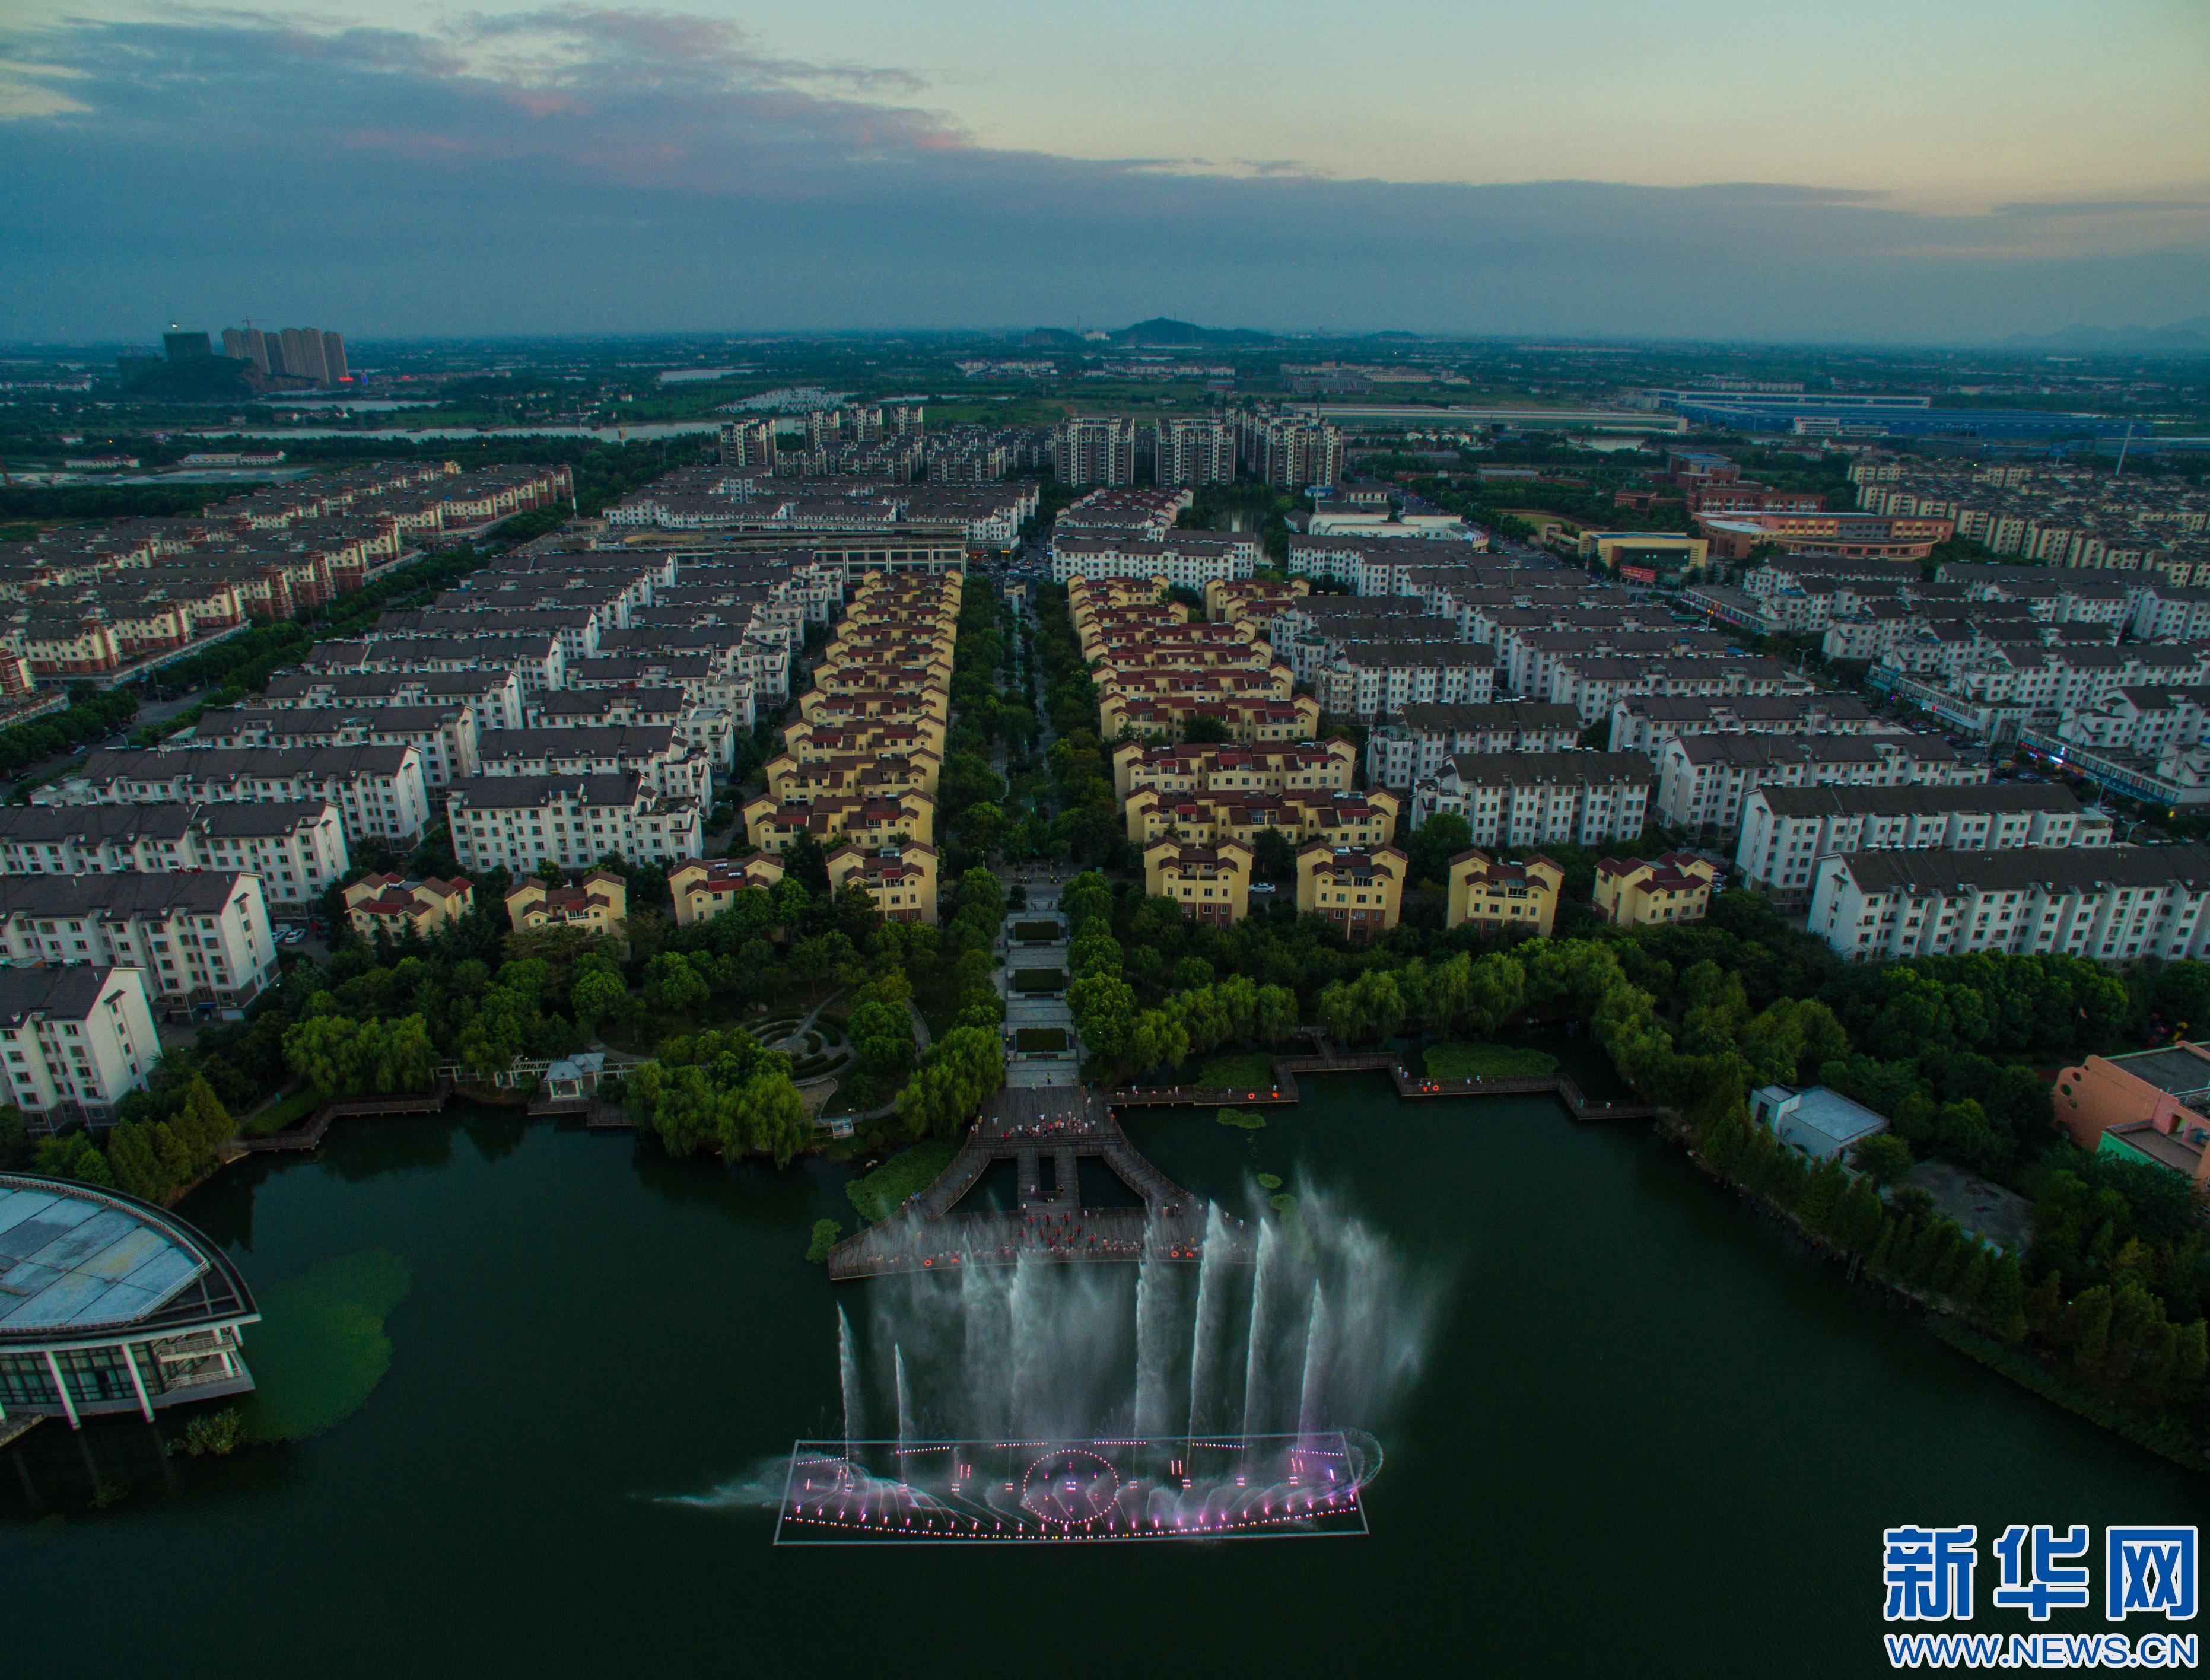 8月初开始,浙江省湖州市吴兴区八里店农民社区长荡漾公园内的七彩图片